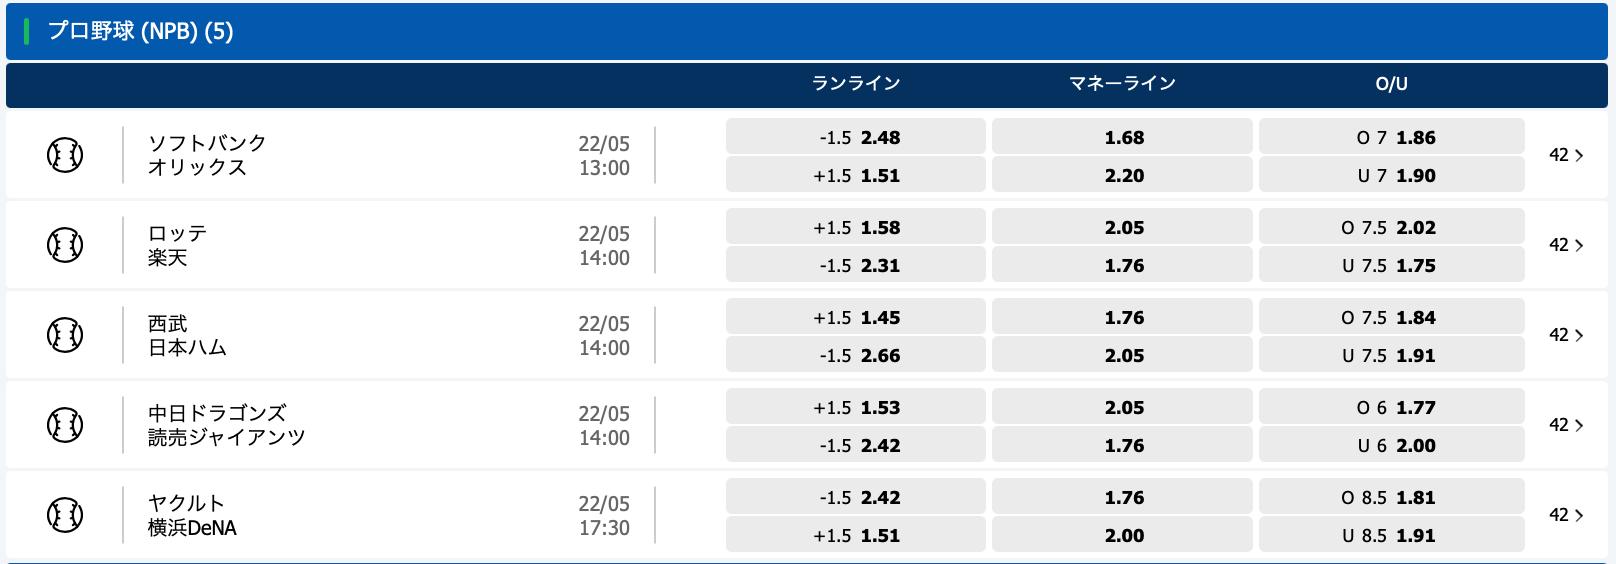 2021年5月22日プロ野球オッズ・10bet Japan